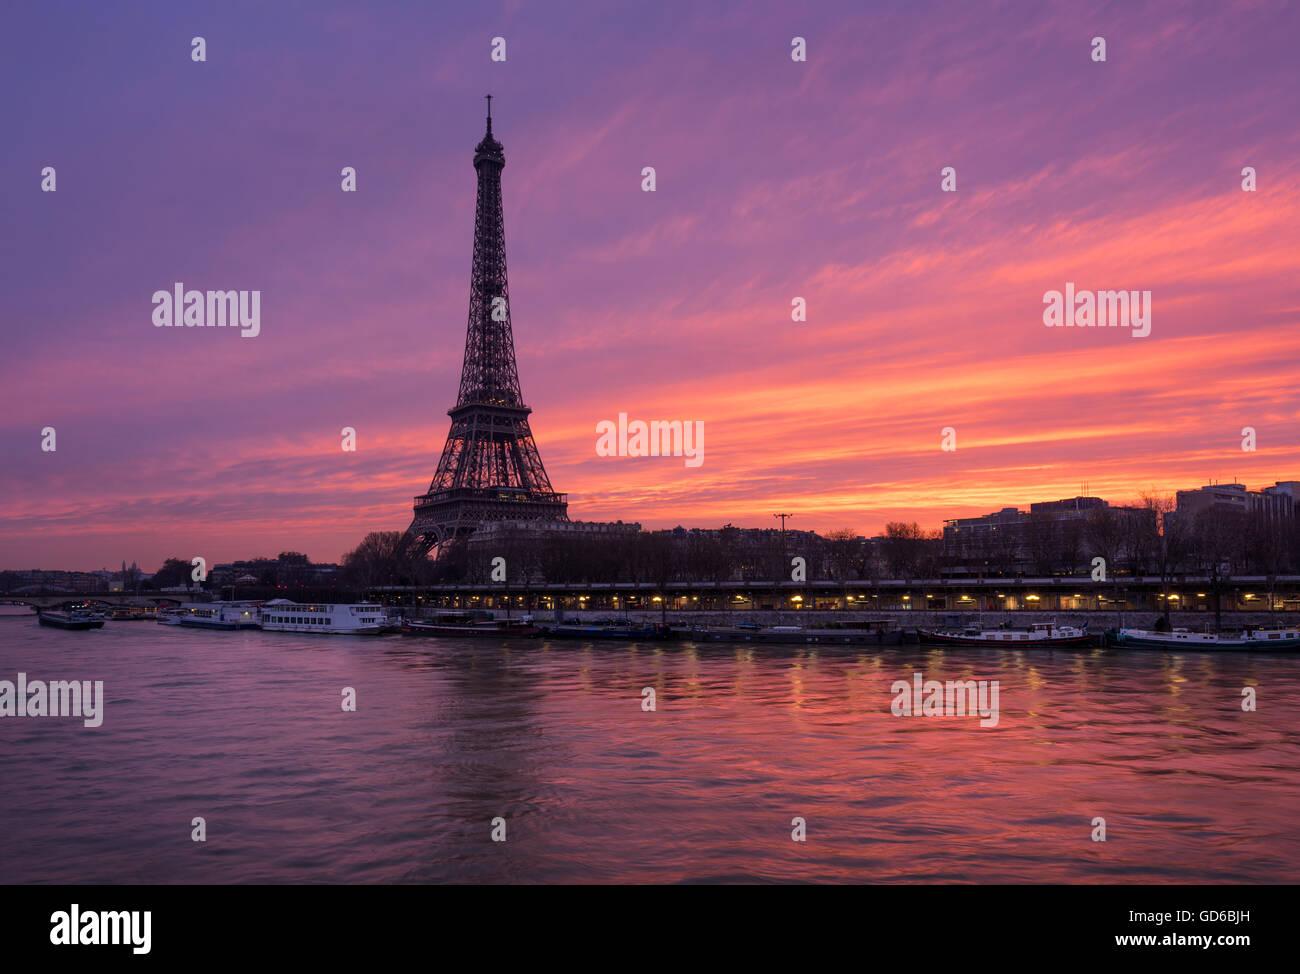 Feurige Sonnenaufgang auf dem Eiffelturm und Seineufer mit Port de Suffren, Paris (7. und 15. Arrondissement) Stockbild